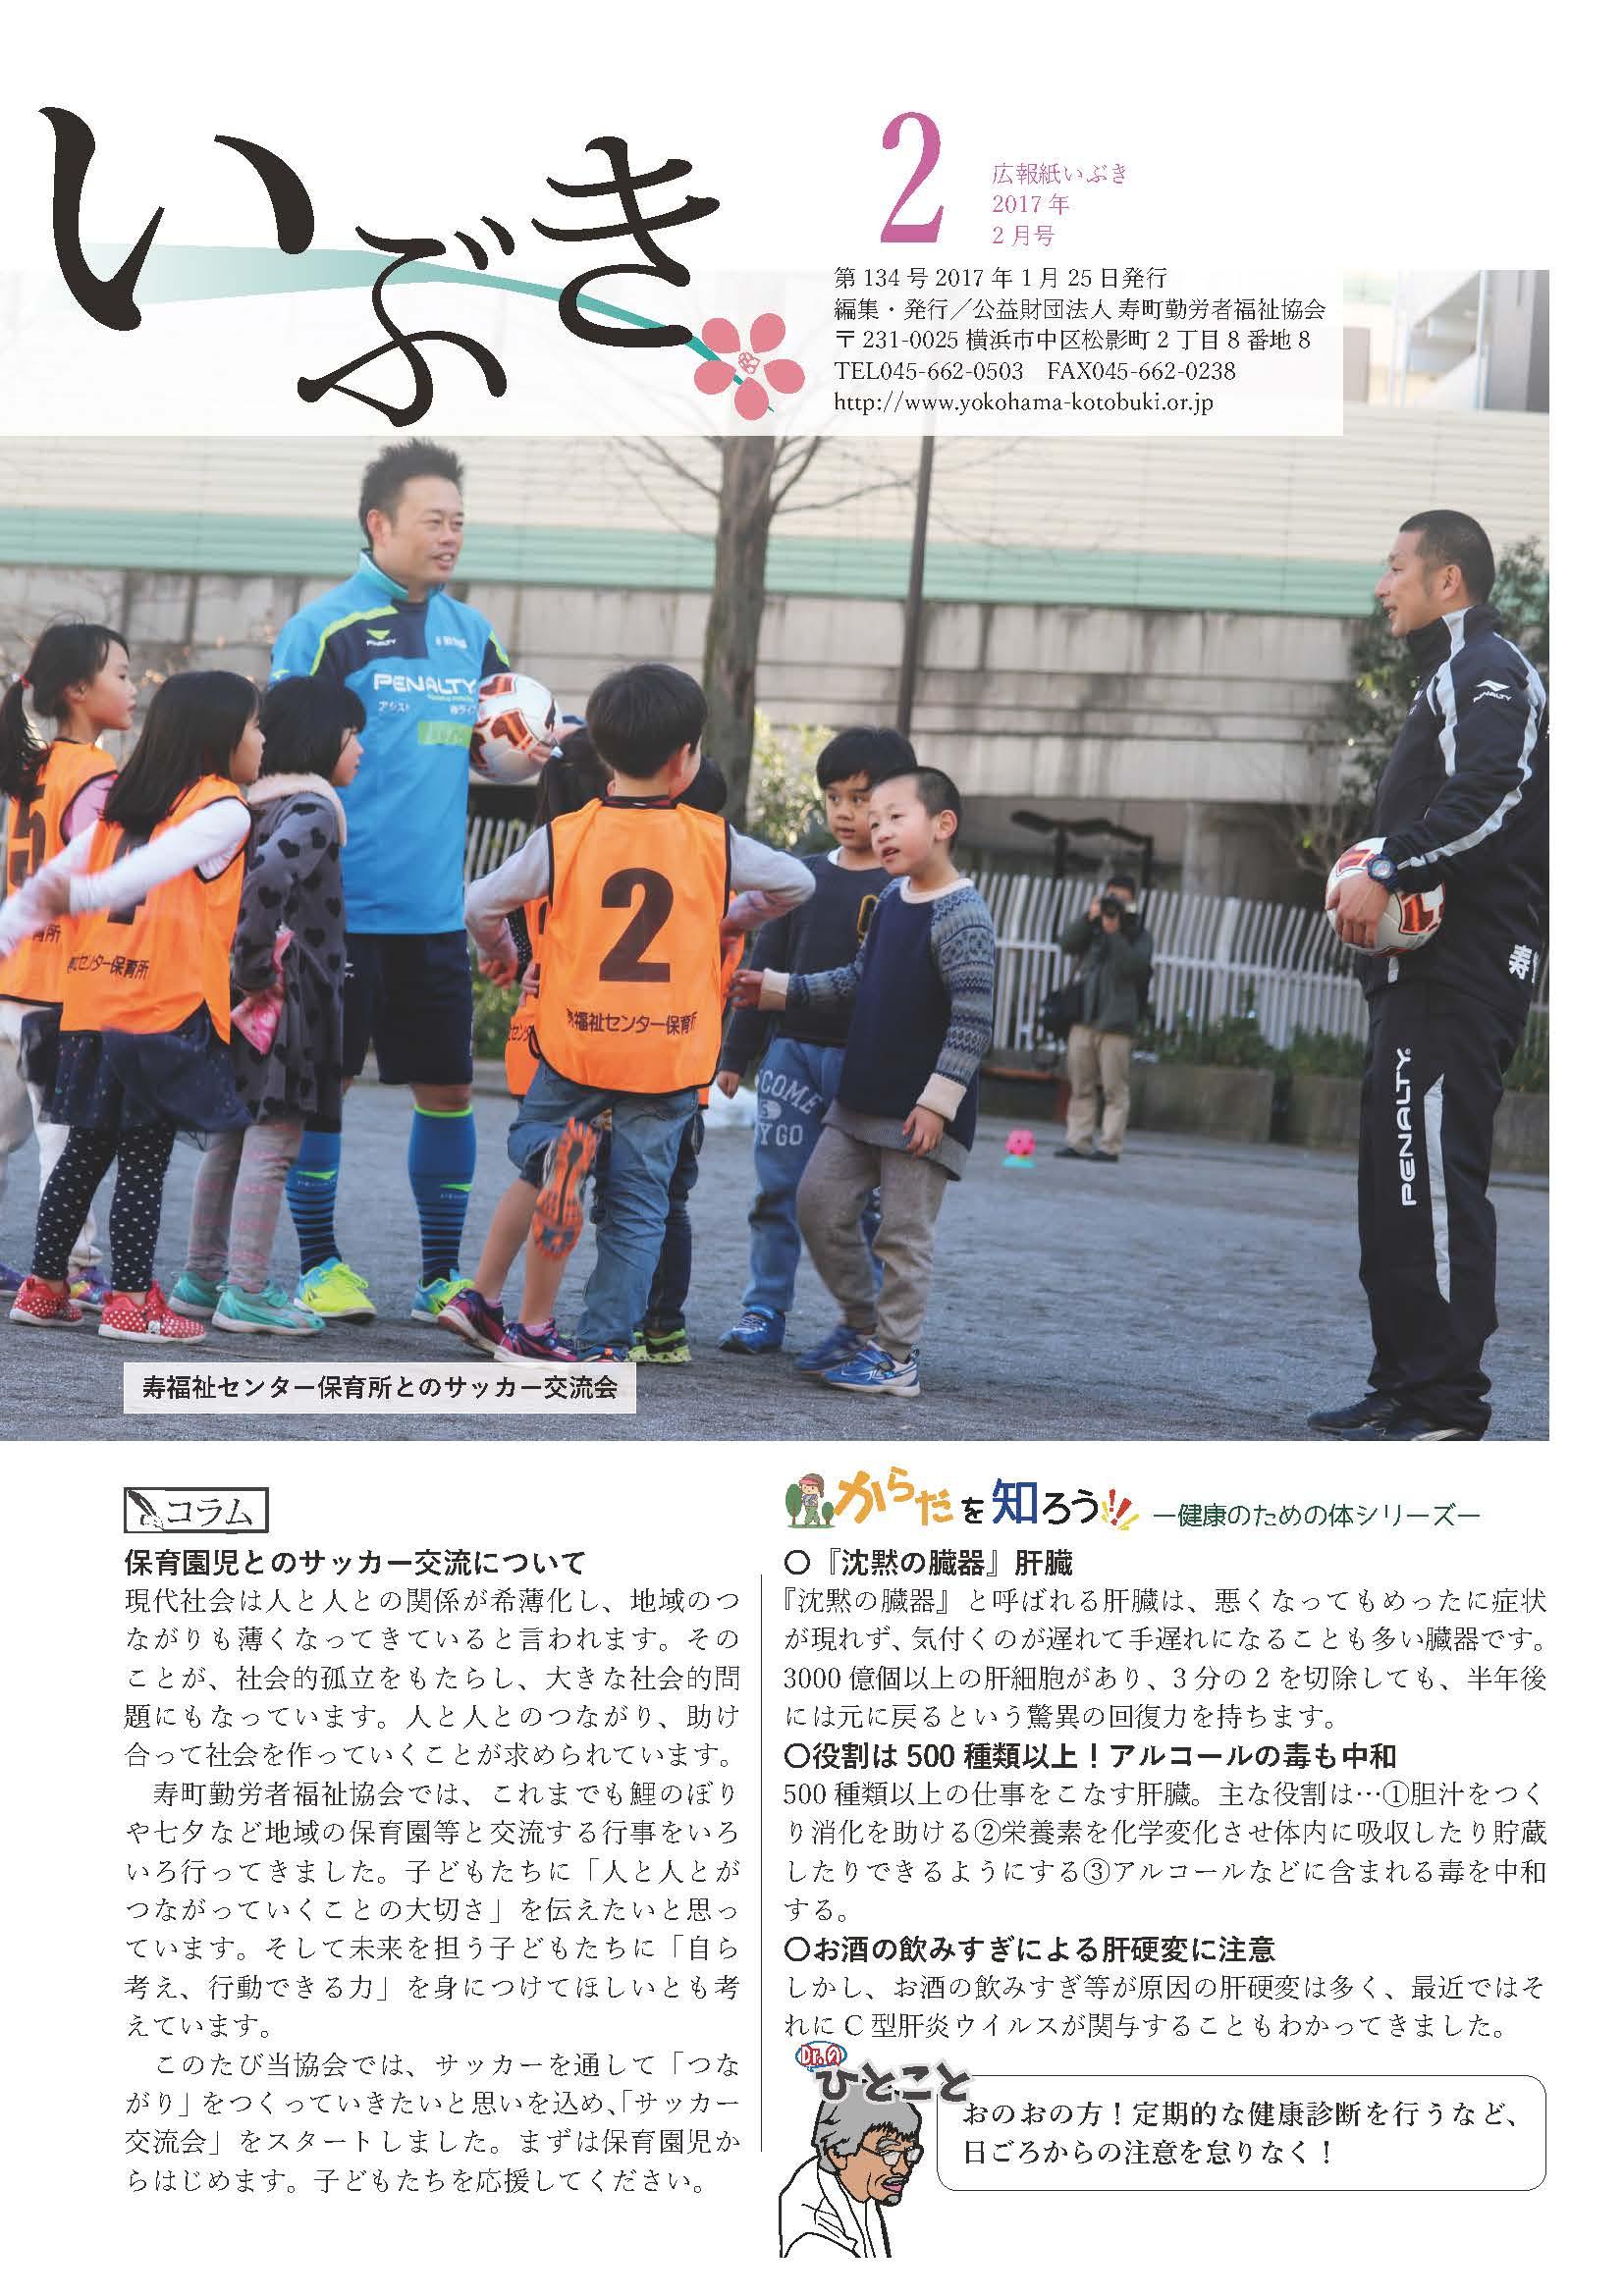 広報誌いぶき2017.2月号(No.134)